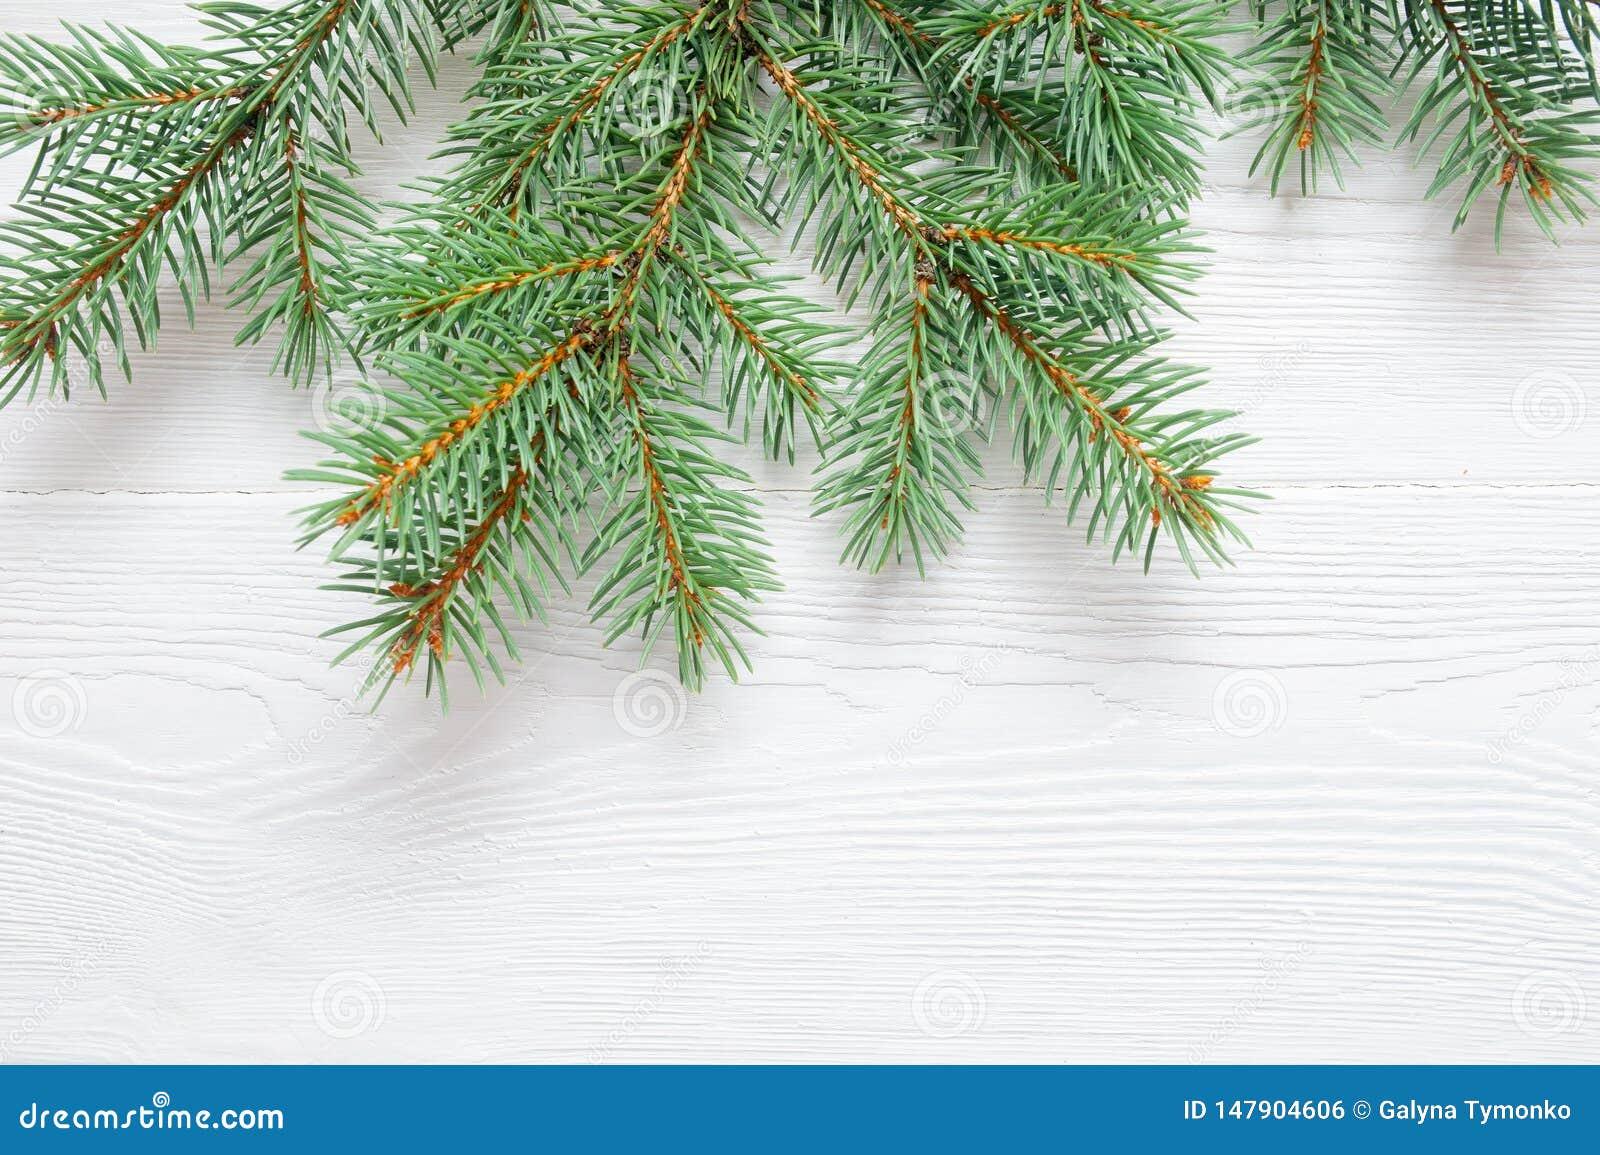 Arbre Bois Blanc Decoration branche d'arbre de sapin de noël d'isolement sur le fond en